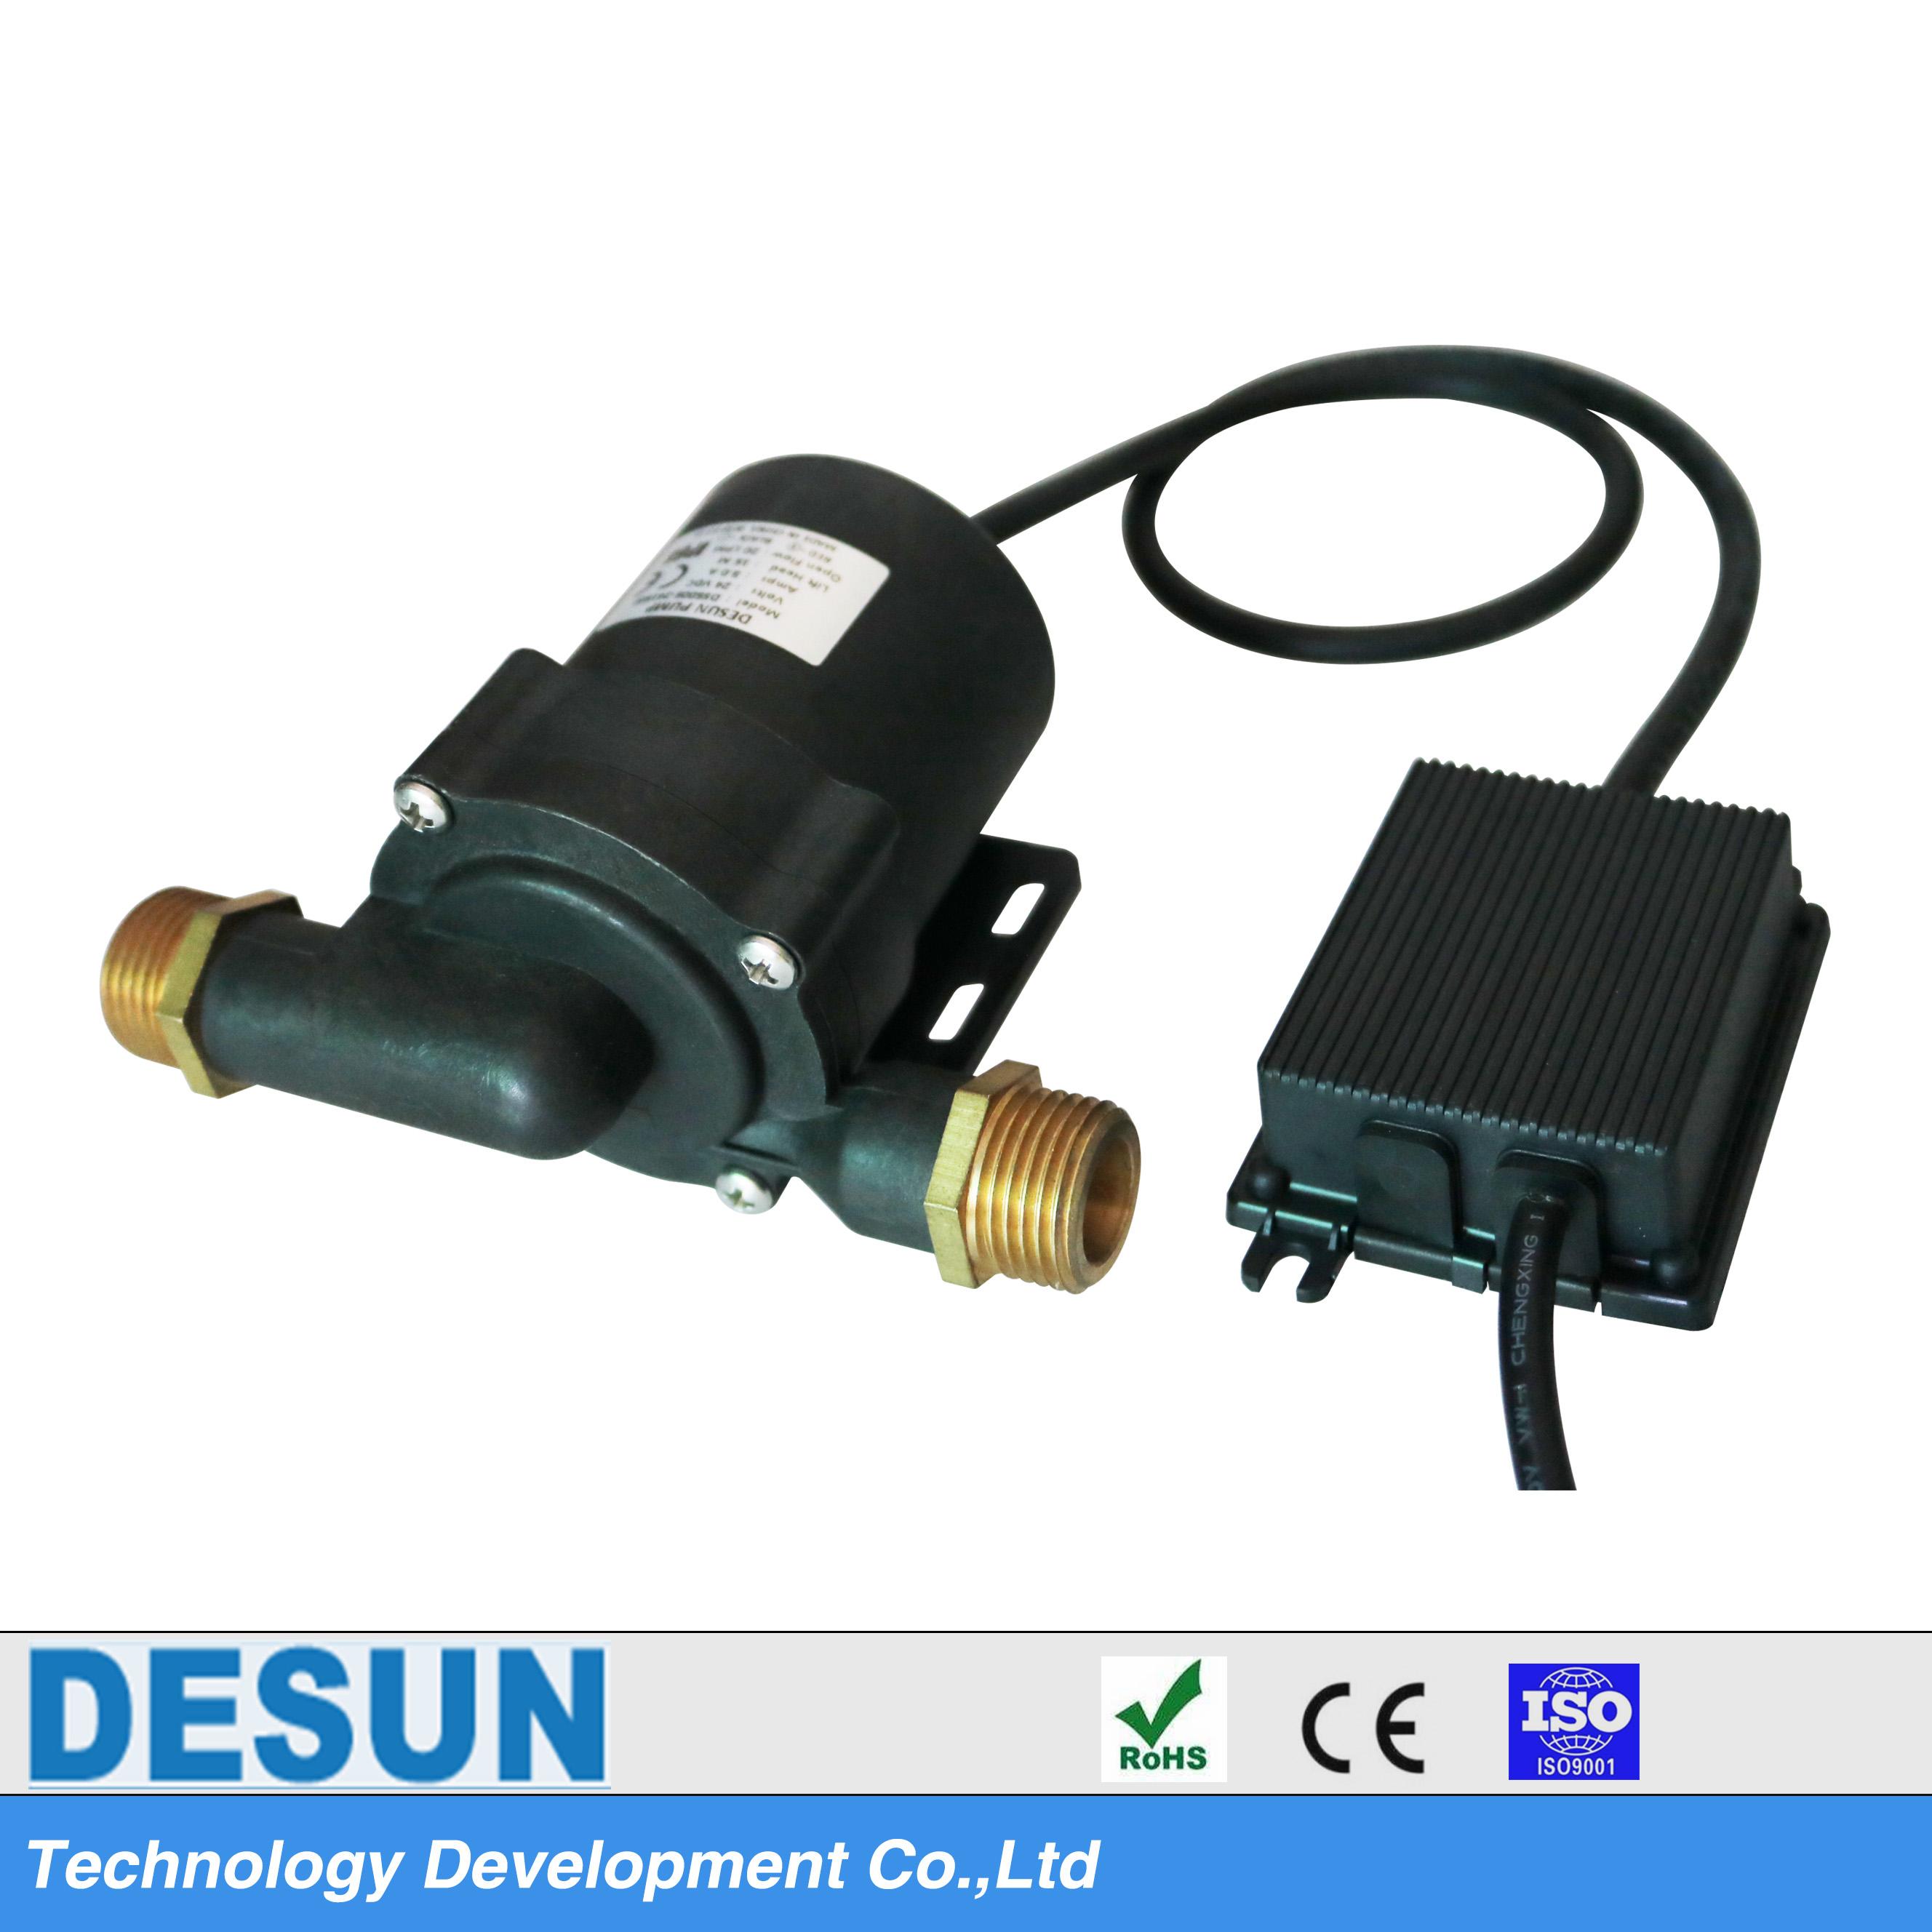 三相调速厨卫设备微型水泵DS5005